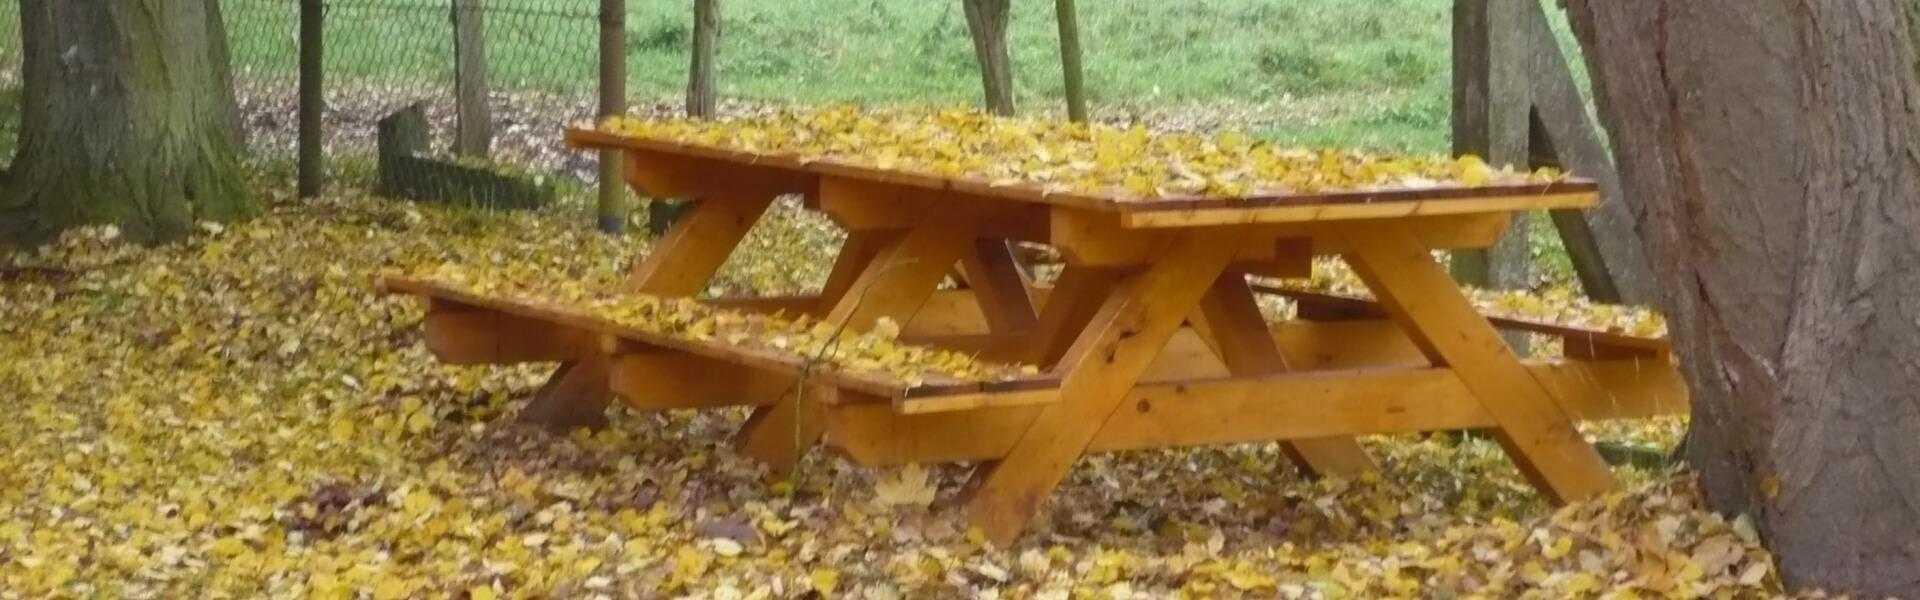 Herbst in 29690 Buchholz